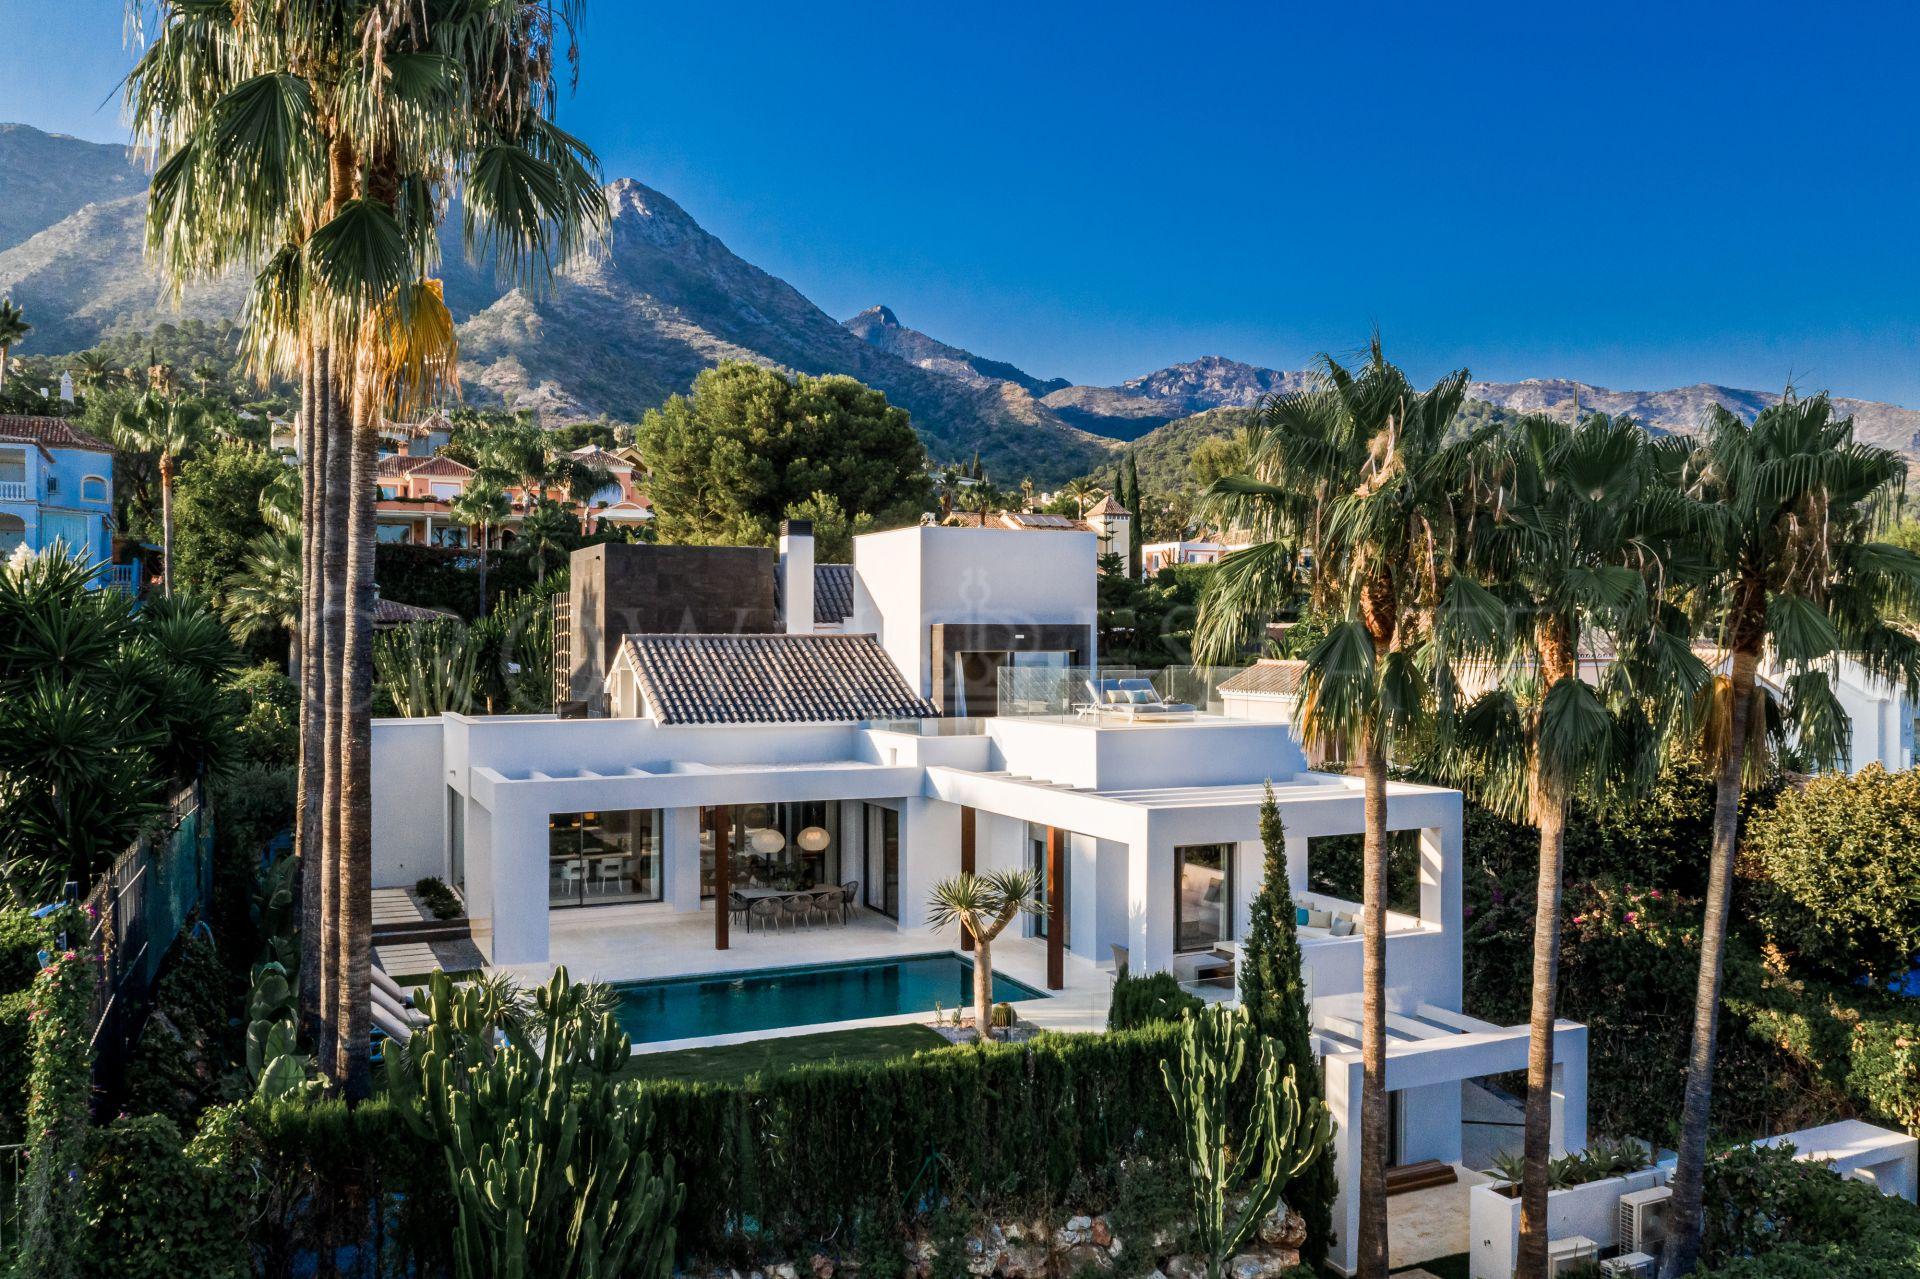 Superb Villa at Sierra Blanca